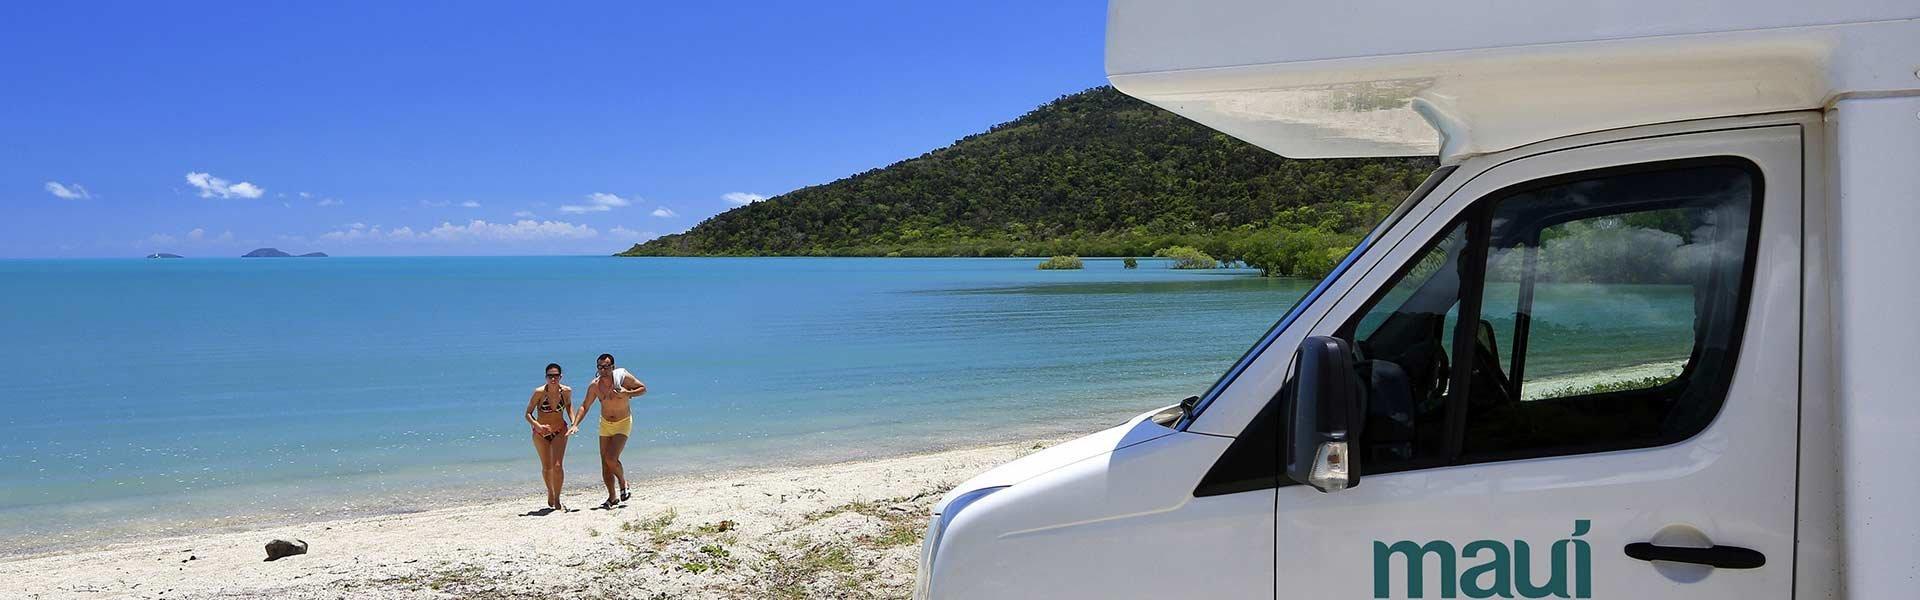 Ontdek Australië tijdens een camperreis met een camper van Maui